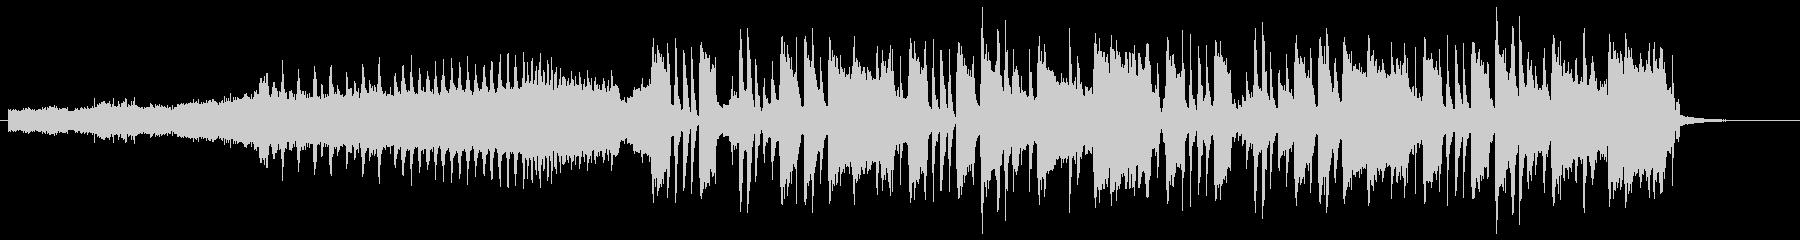 グルーヴに統一感のある変則ビートの未再生の波形